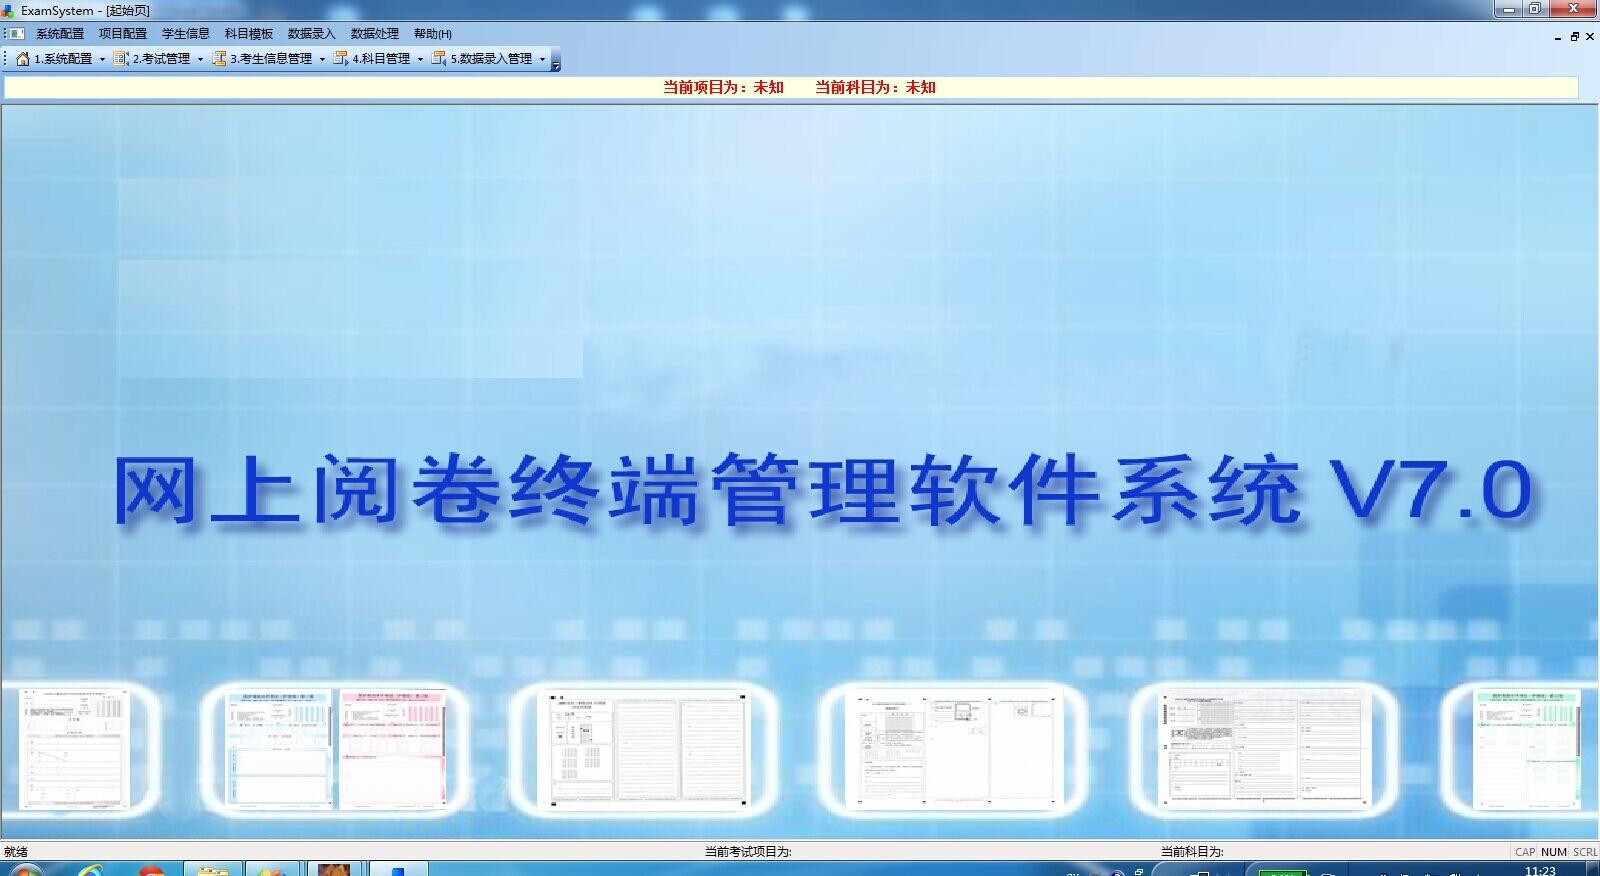 新疆南昊试卷阅卷系统推荐 网上阅卷机官网售价|产品动态-河北省南昊高新技术开发有限公司